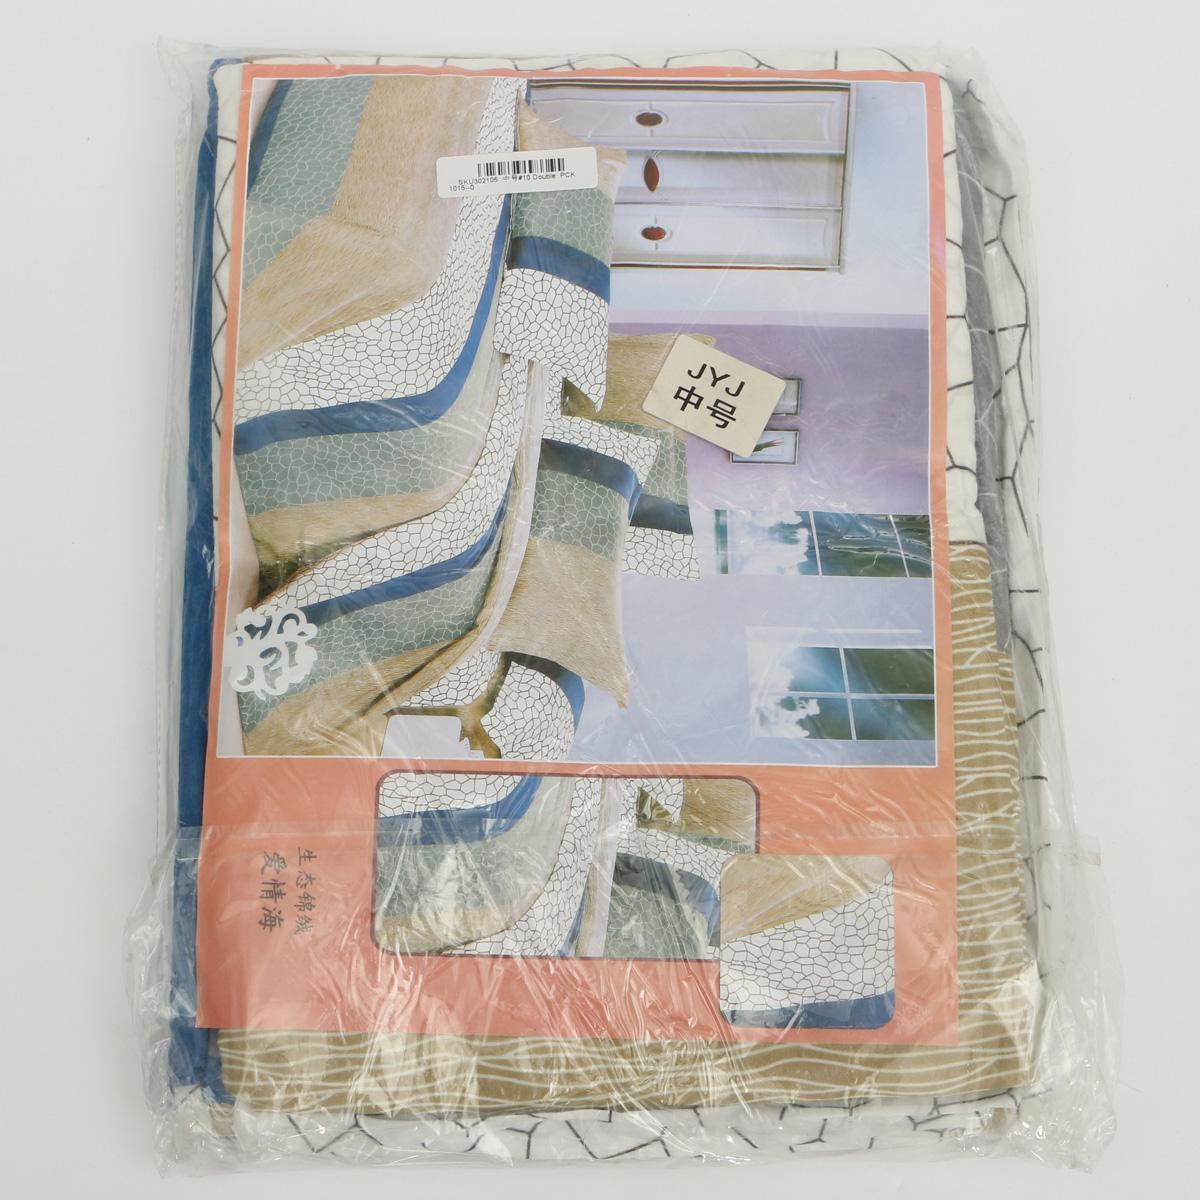 King Size Quilt Duvet Cover Pillow Case Bedding Bedclothes